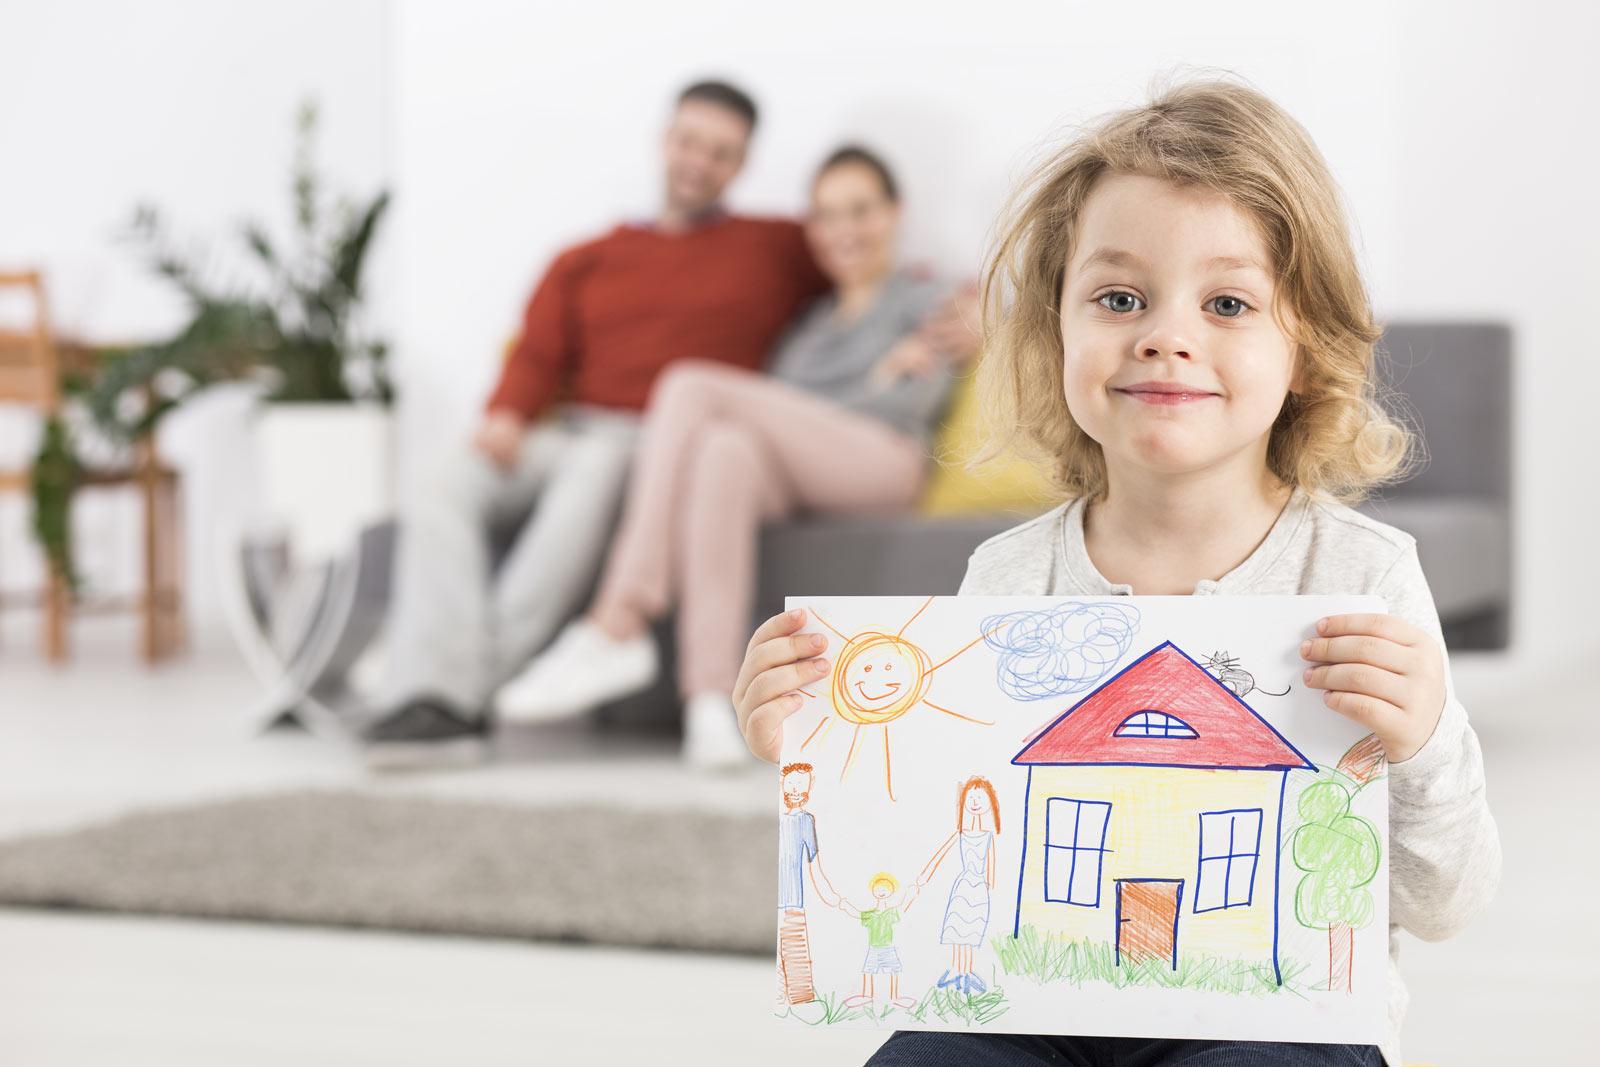 Construire sa maison avec un maître d'œuvre